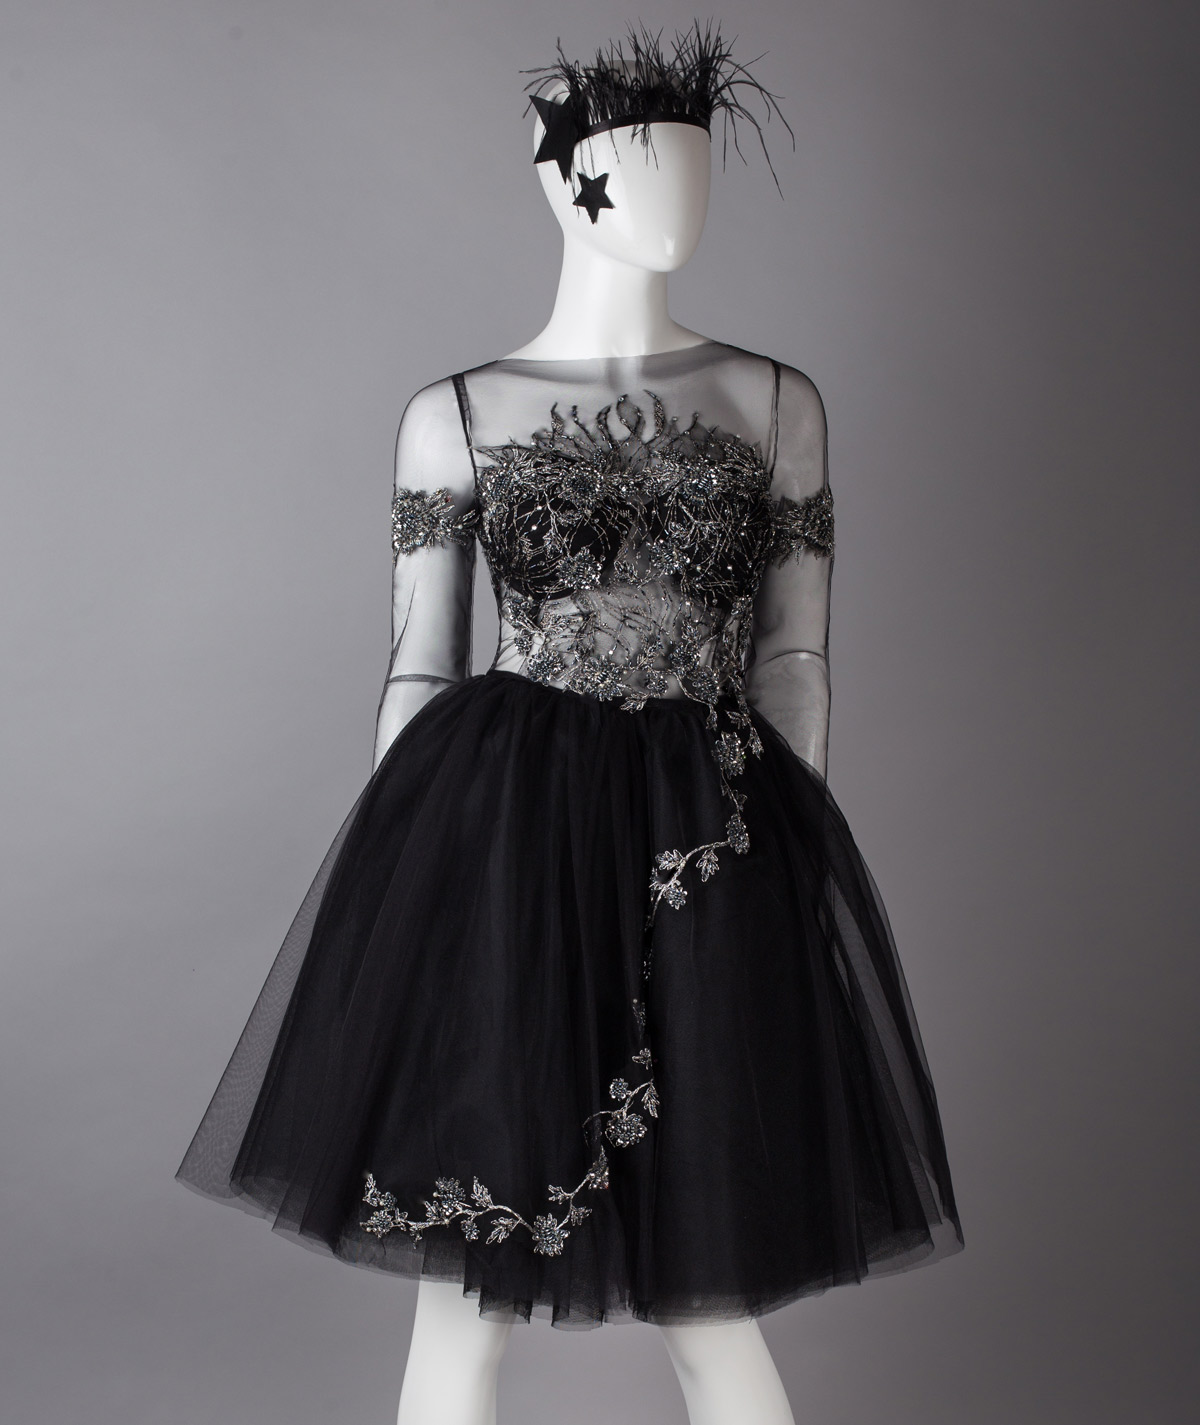 e6693321f31 Black Swan Midi Evening Dress